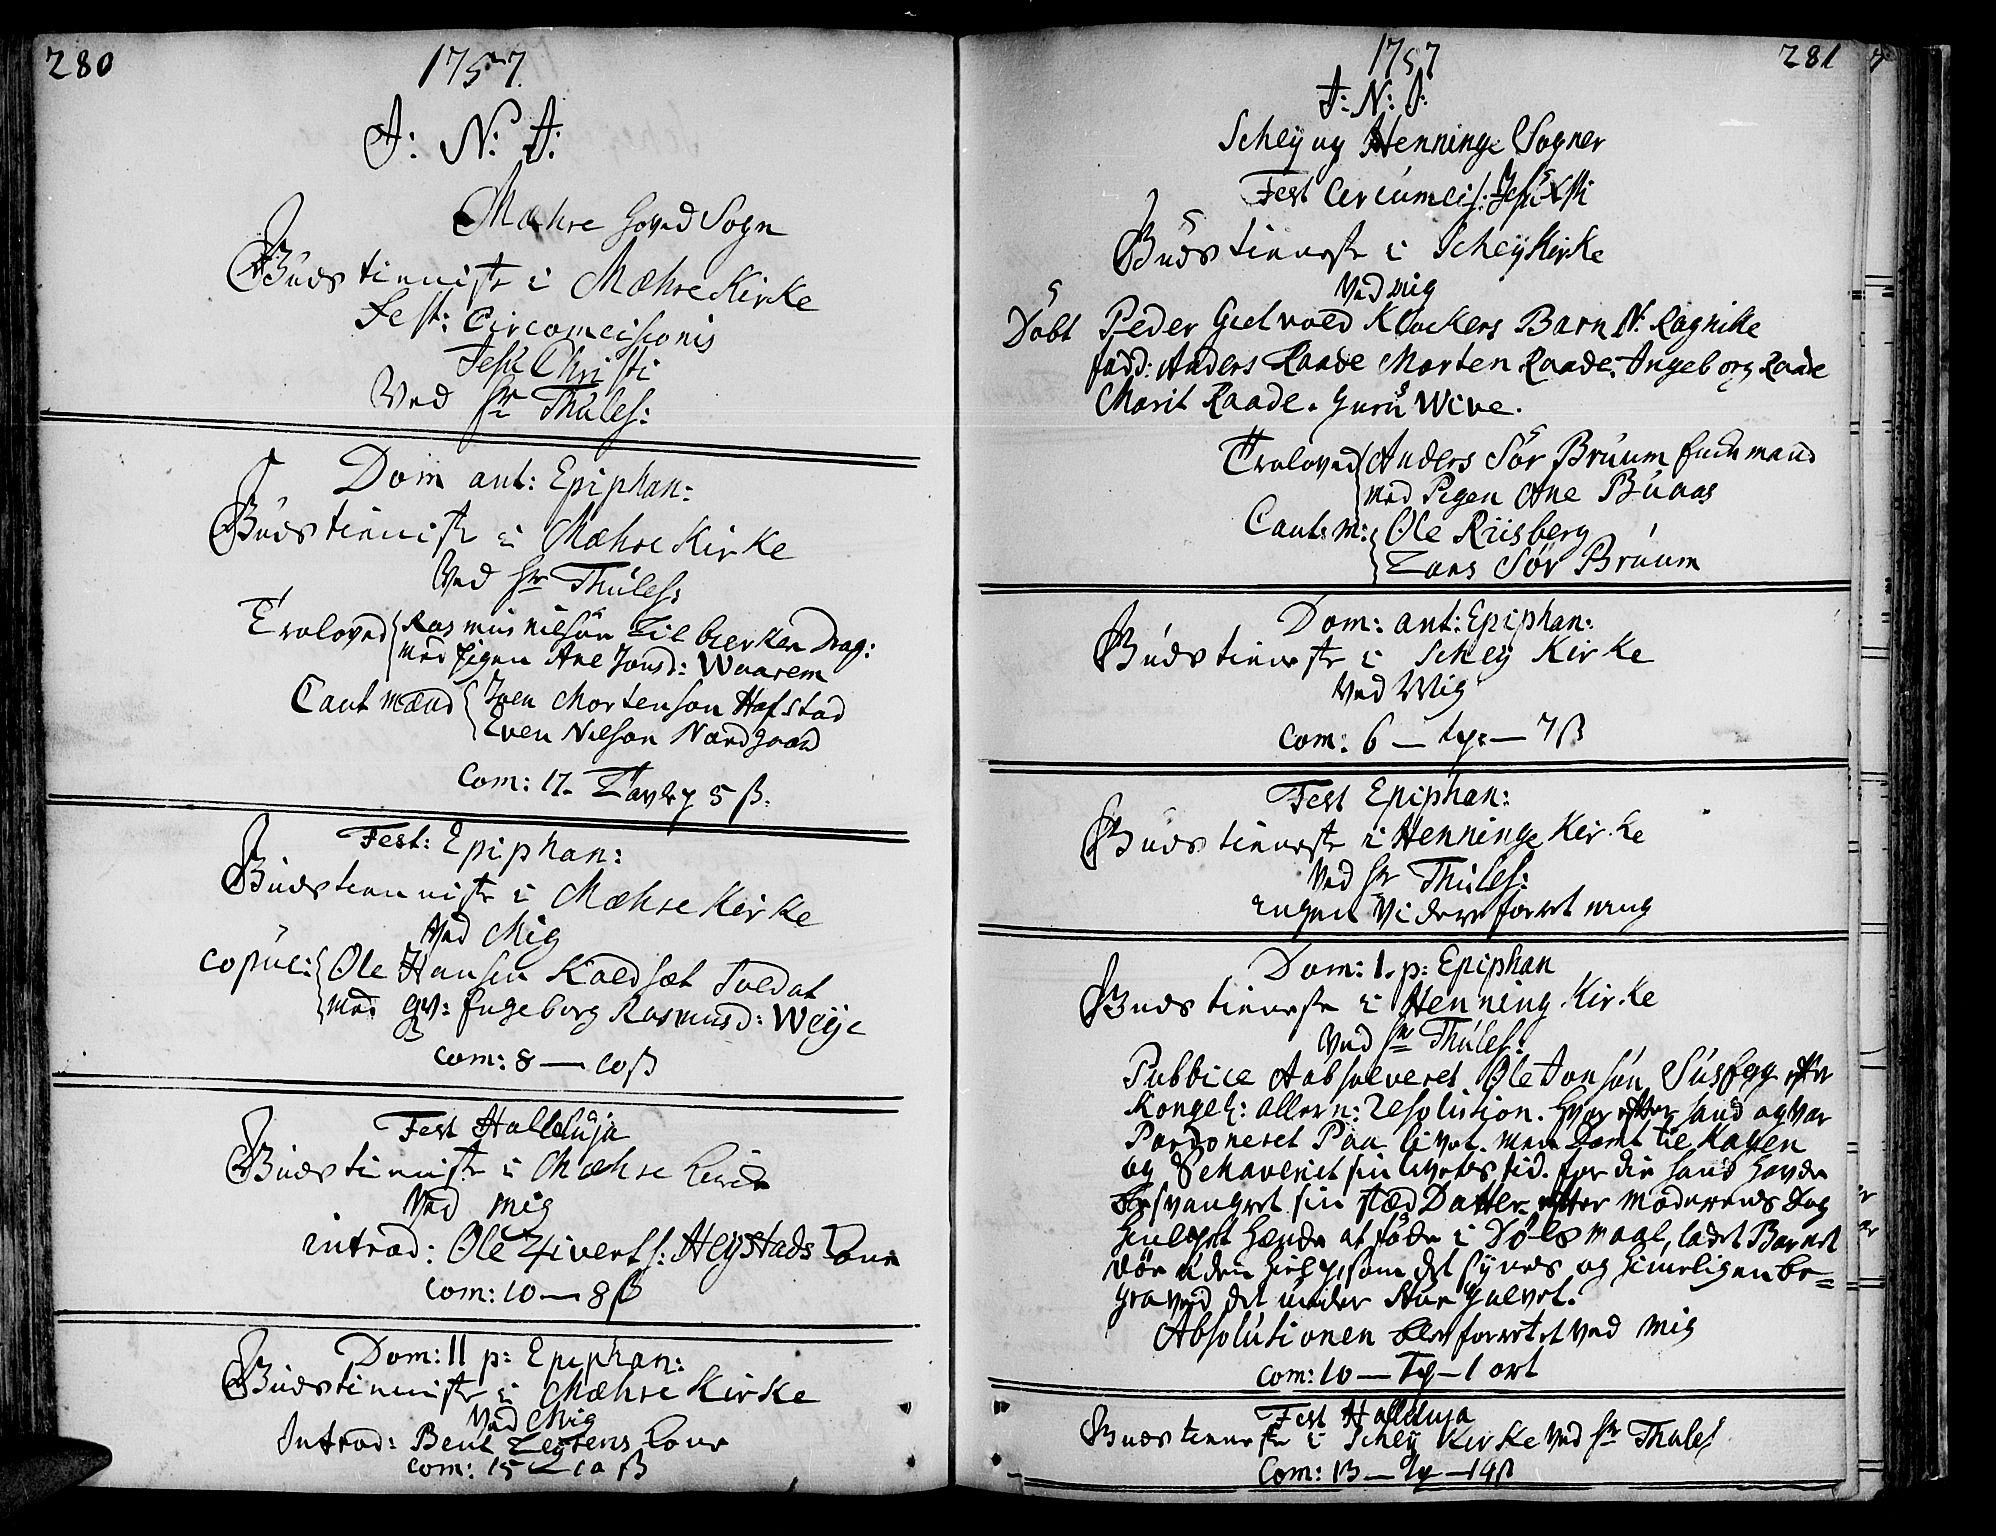 SAT, Ministerialprotokoller, klokkerbøker og fødselsregistre - Nord-Trøndelag, 735/L0330: Ministerialbok nr. 735A01, 1740-1766, s. 280-281